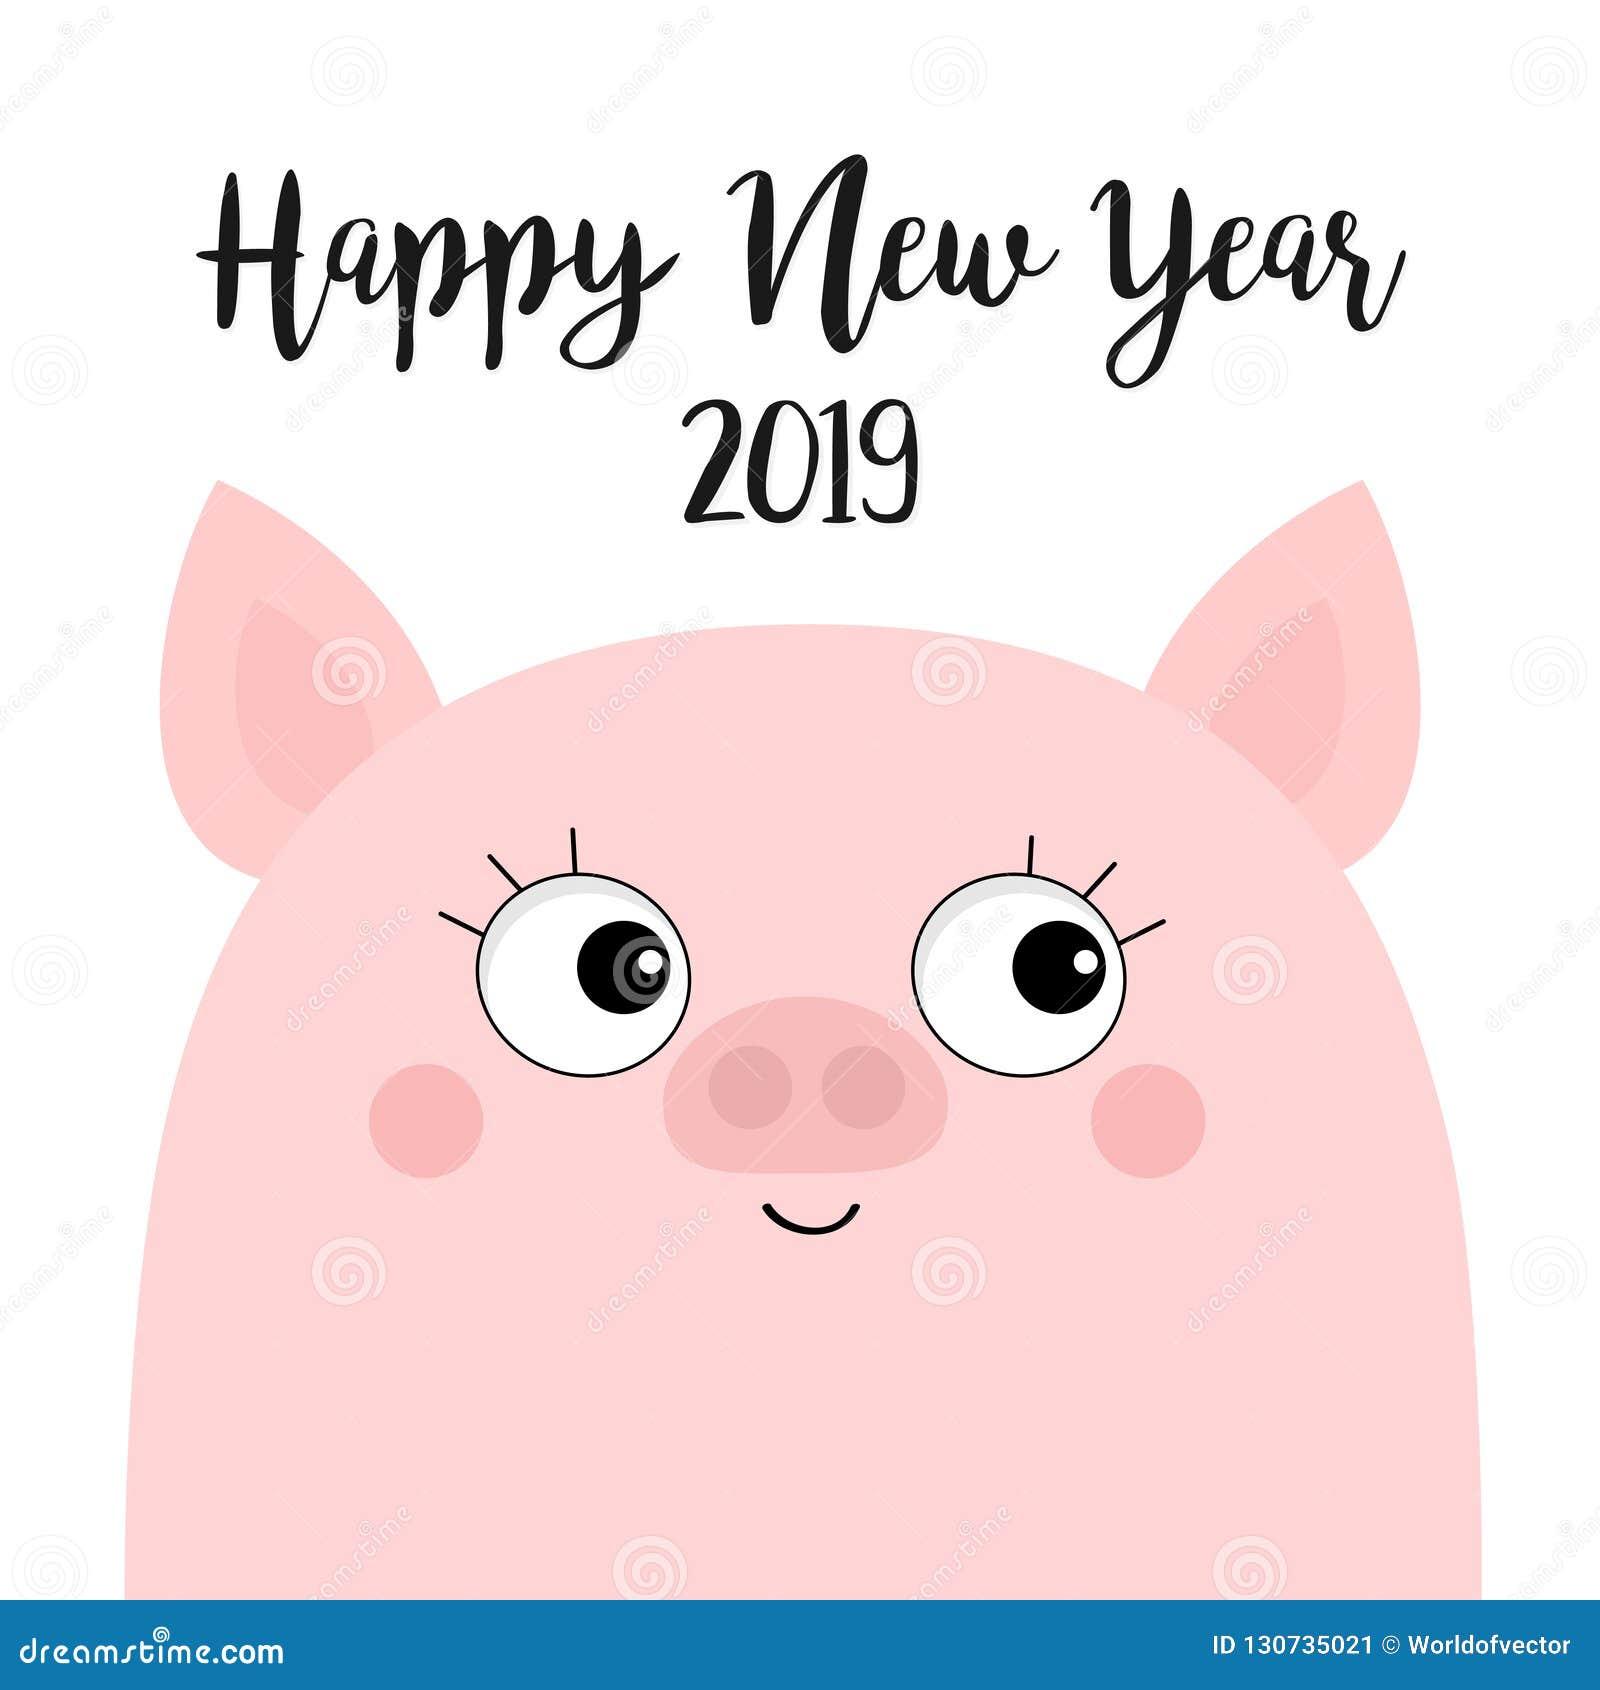 Porcelet Porcin Rose Bonne Annee 2019 Tete De Visage De Porc Symbole